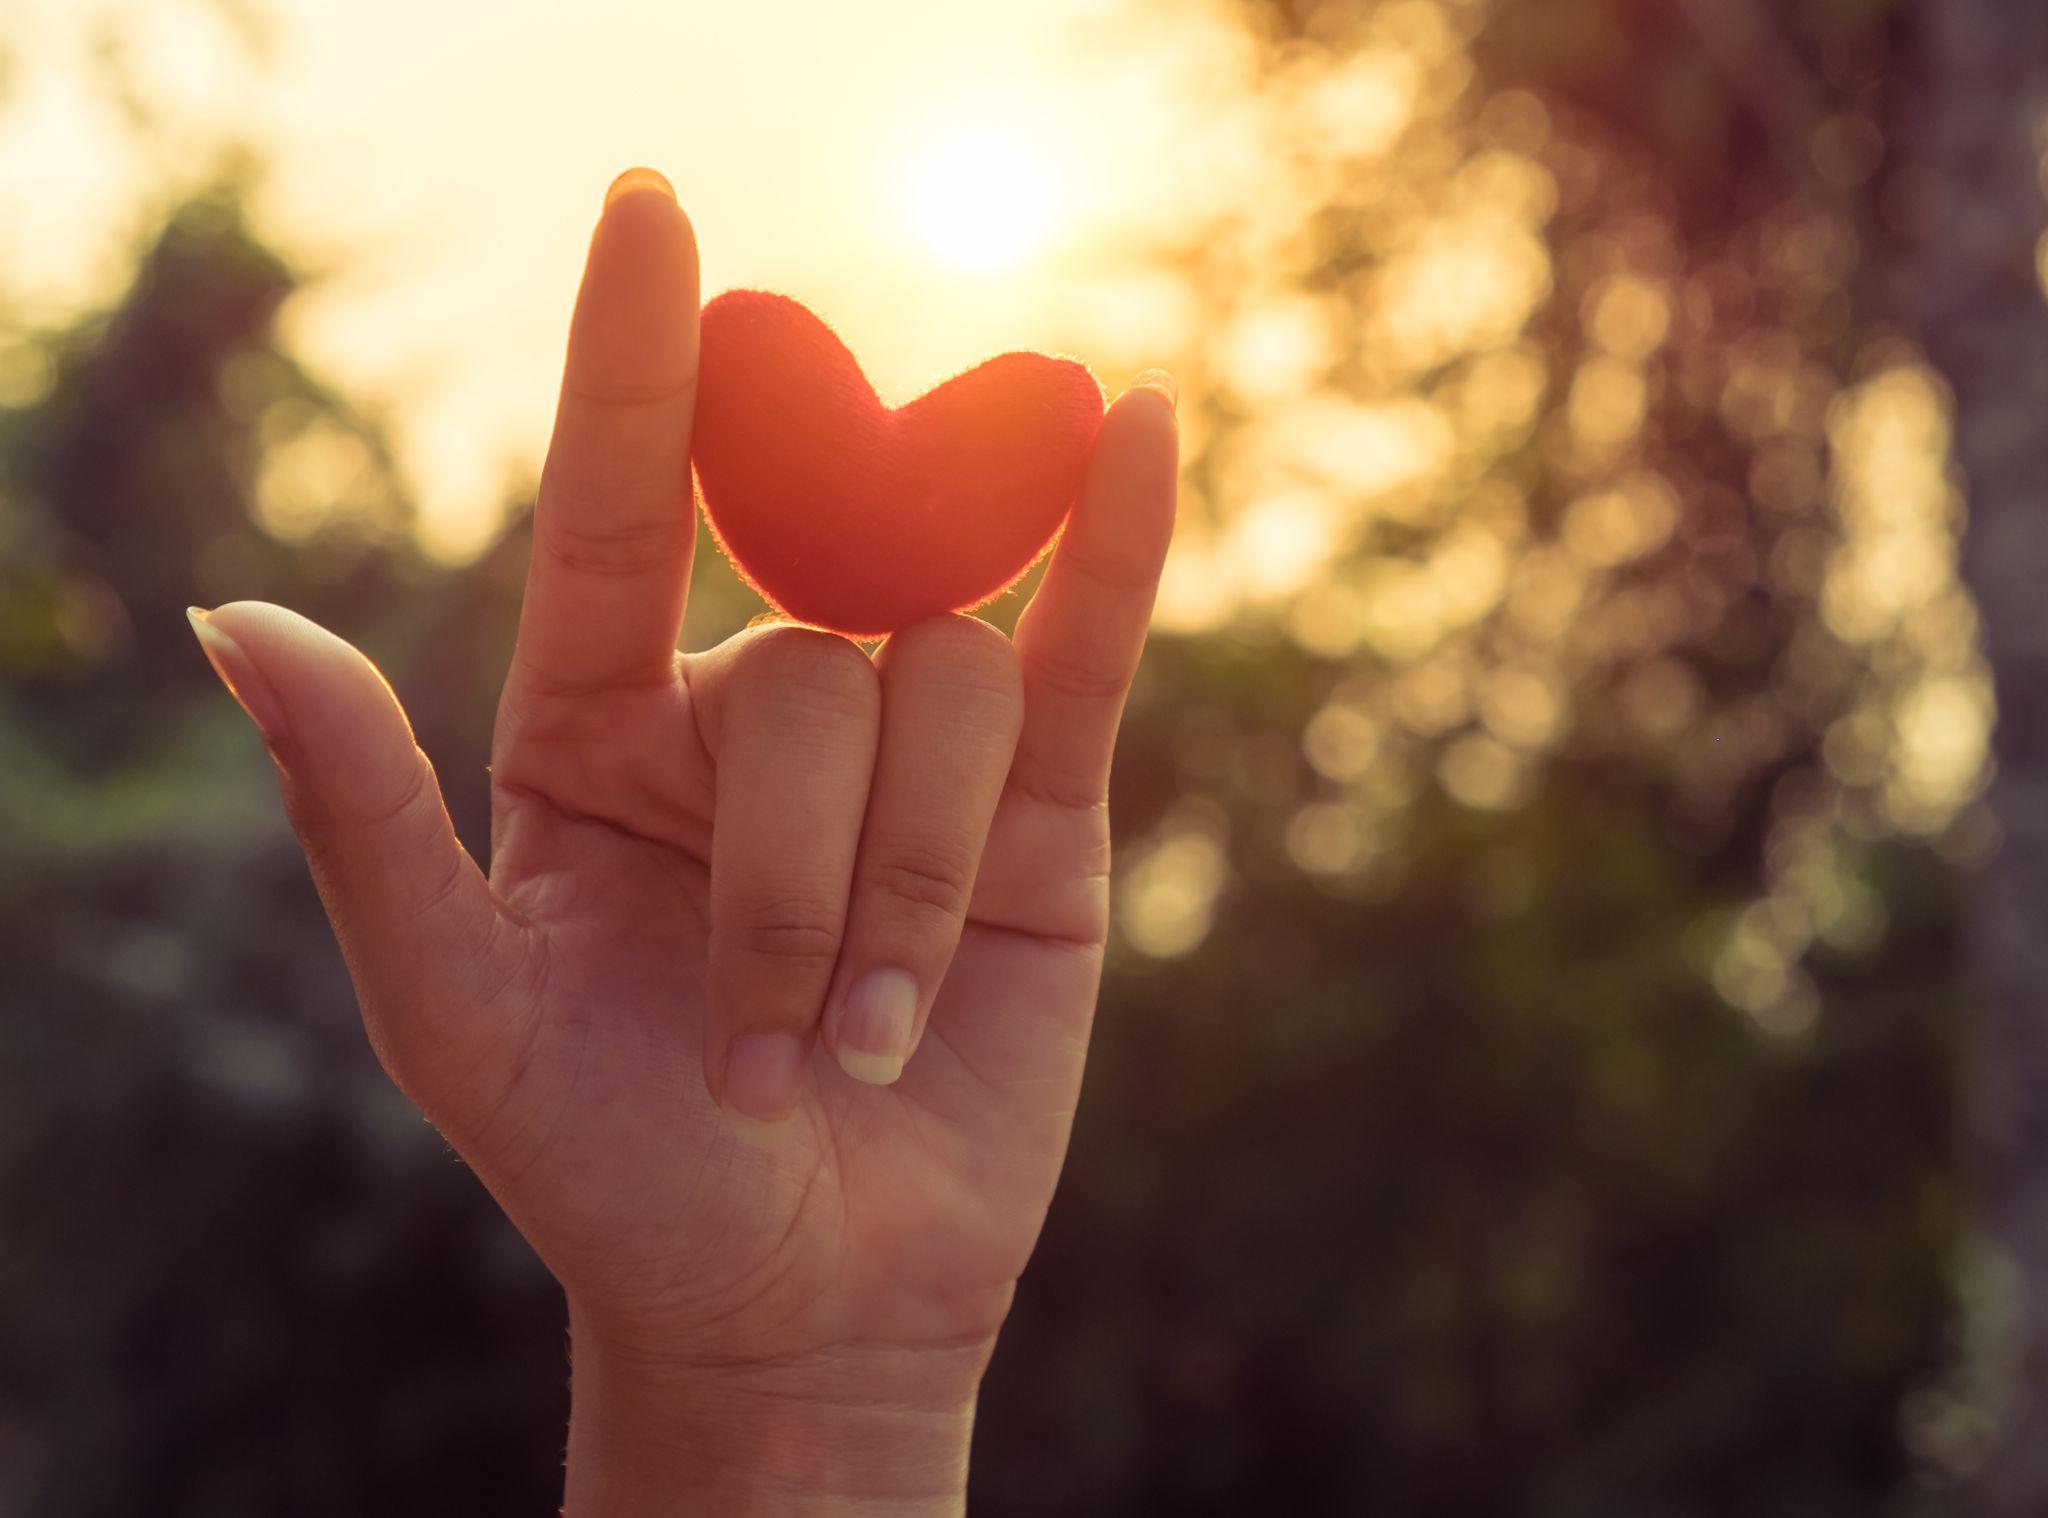 Ühel organdoonoril on pärast surma võimalik kinkida uus elu kuni kaheksale inimesele